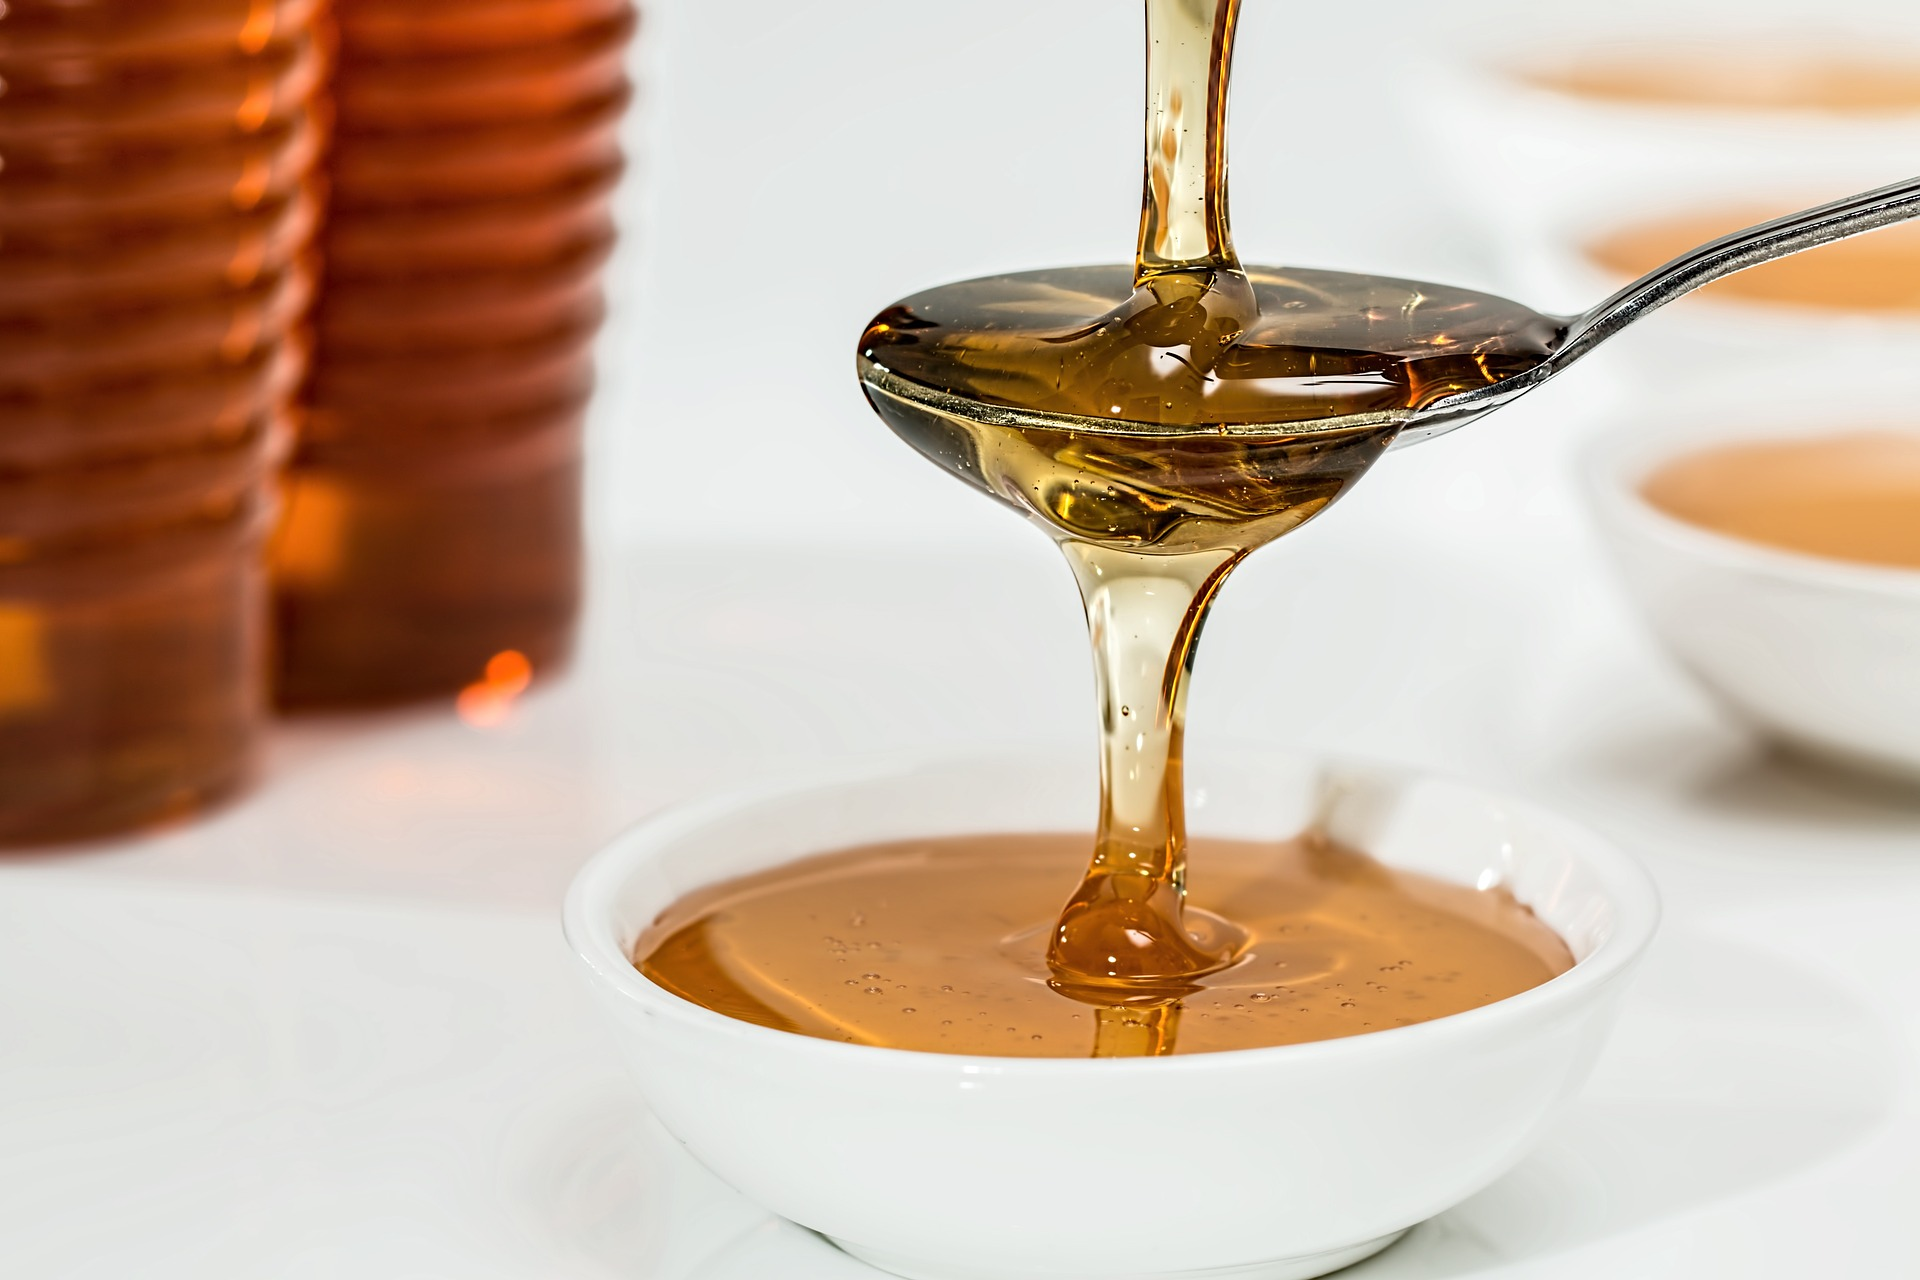 Serie Süßungsmittel | #1 Agavendicksaft – gesund oder ungesund?